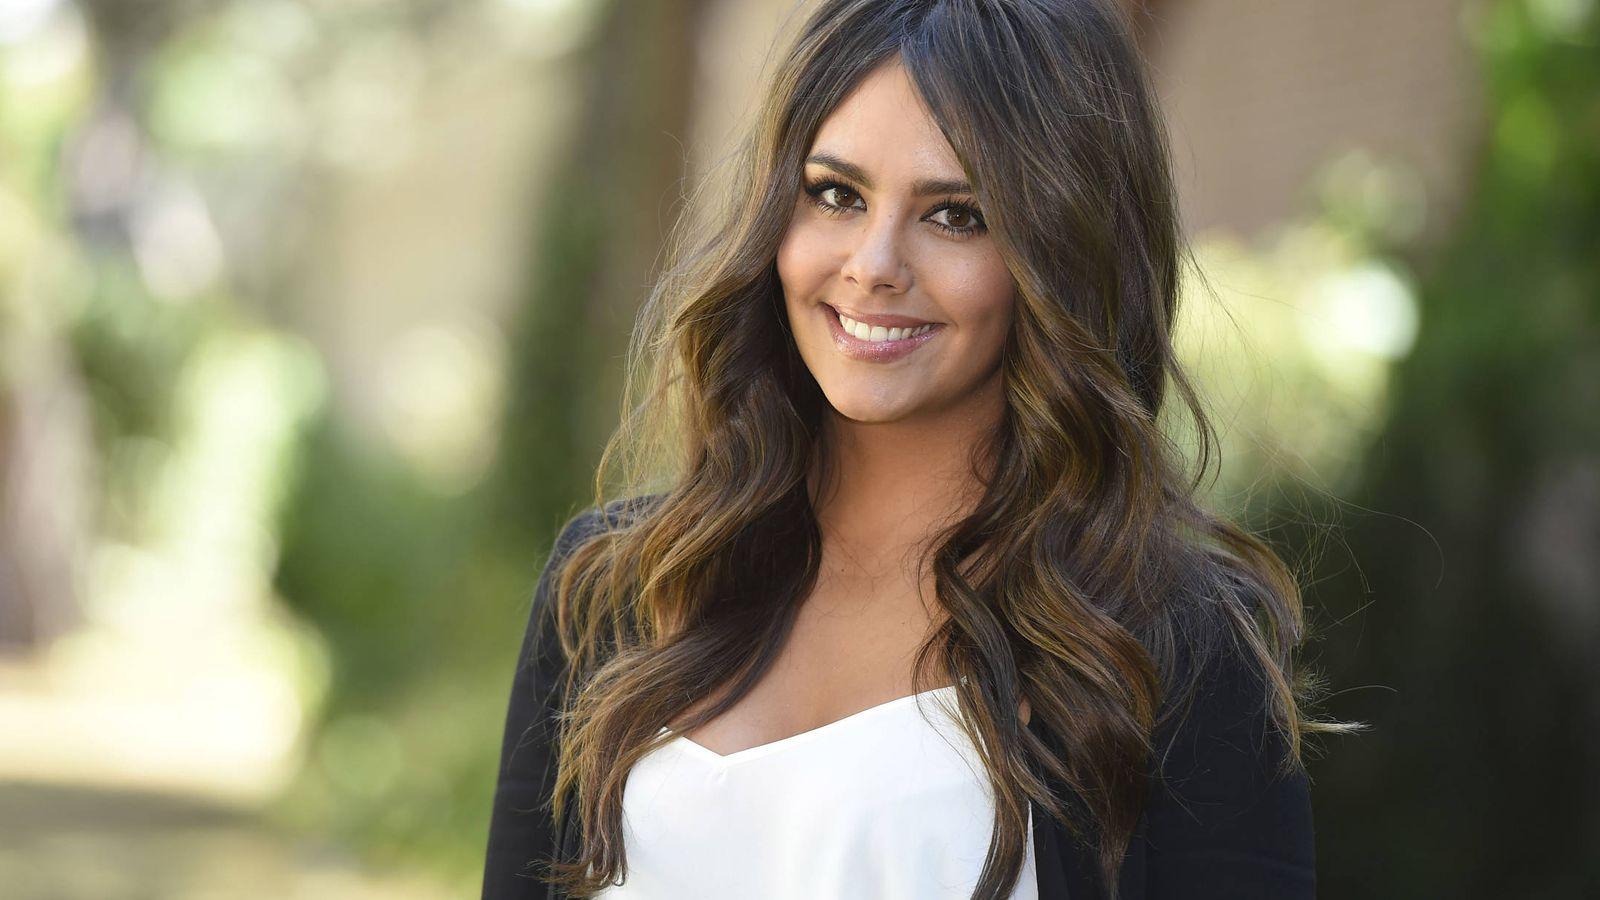 Foto: La presentadora Cristina Pedroche en una imagen de archivo. (Gtres)